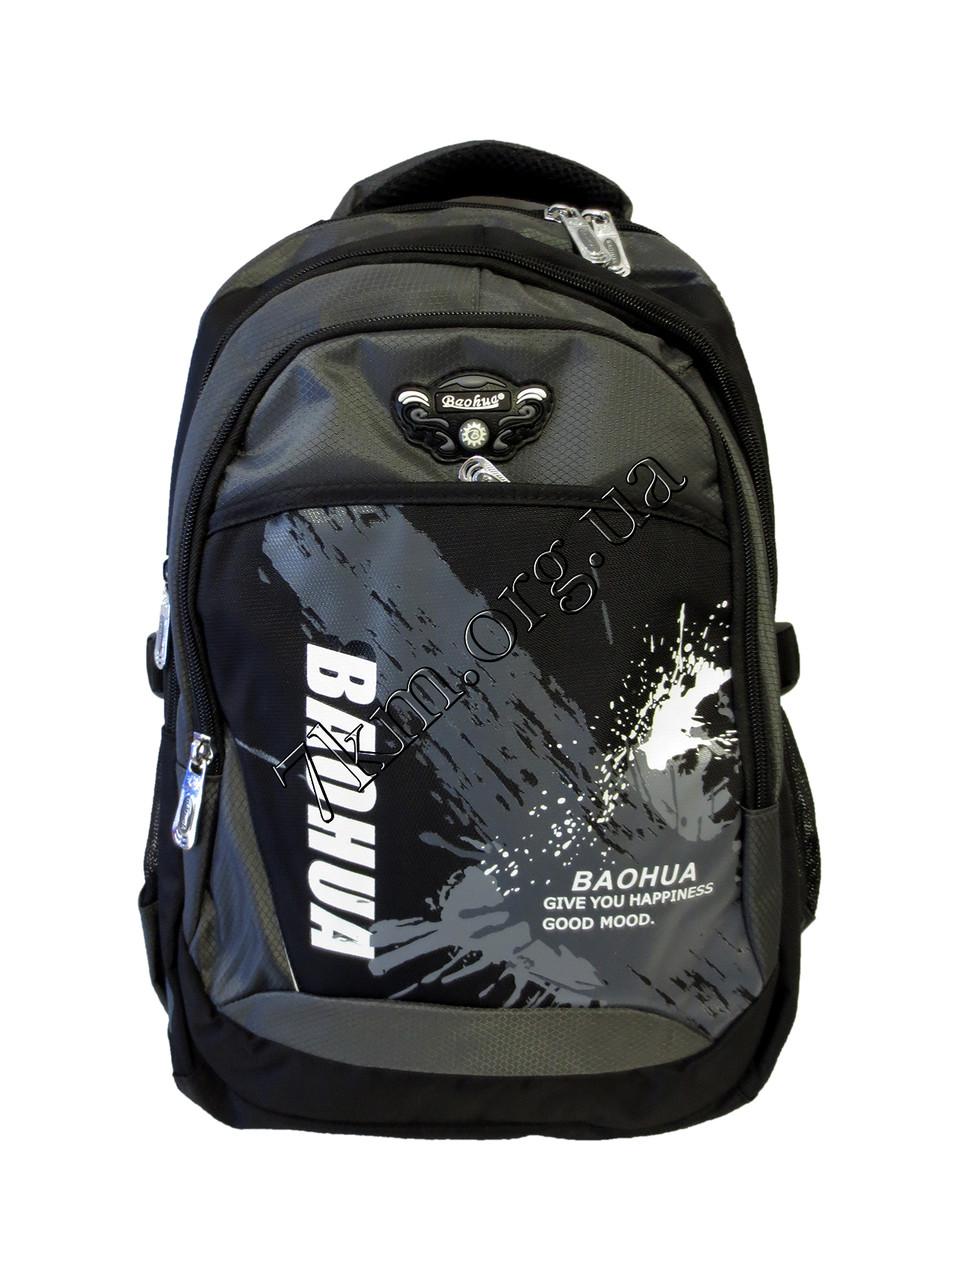 Школьный рюкзак для мальчиков Baohua CR BH 0154 (45х35см.)